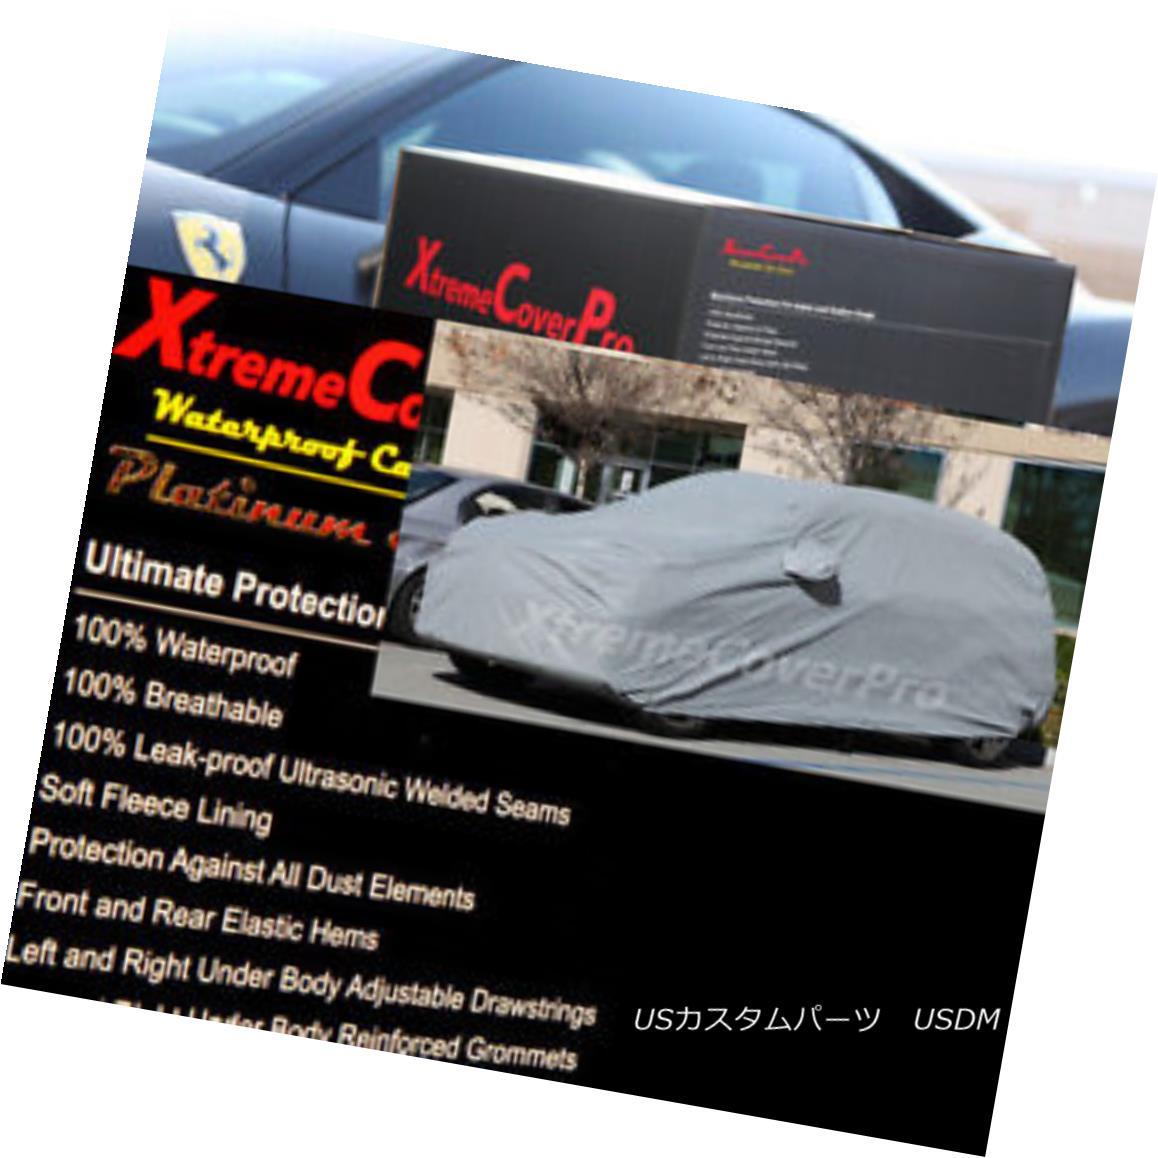 カーカバー 2014 Volkswagen Tiguan Waterproof Car Cover w/ Mirror Pocket 2014年フォルクスワーゲンTiguan防水カーカバー(ミラーポケット付)